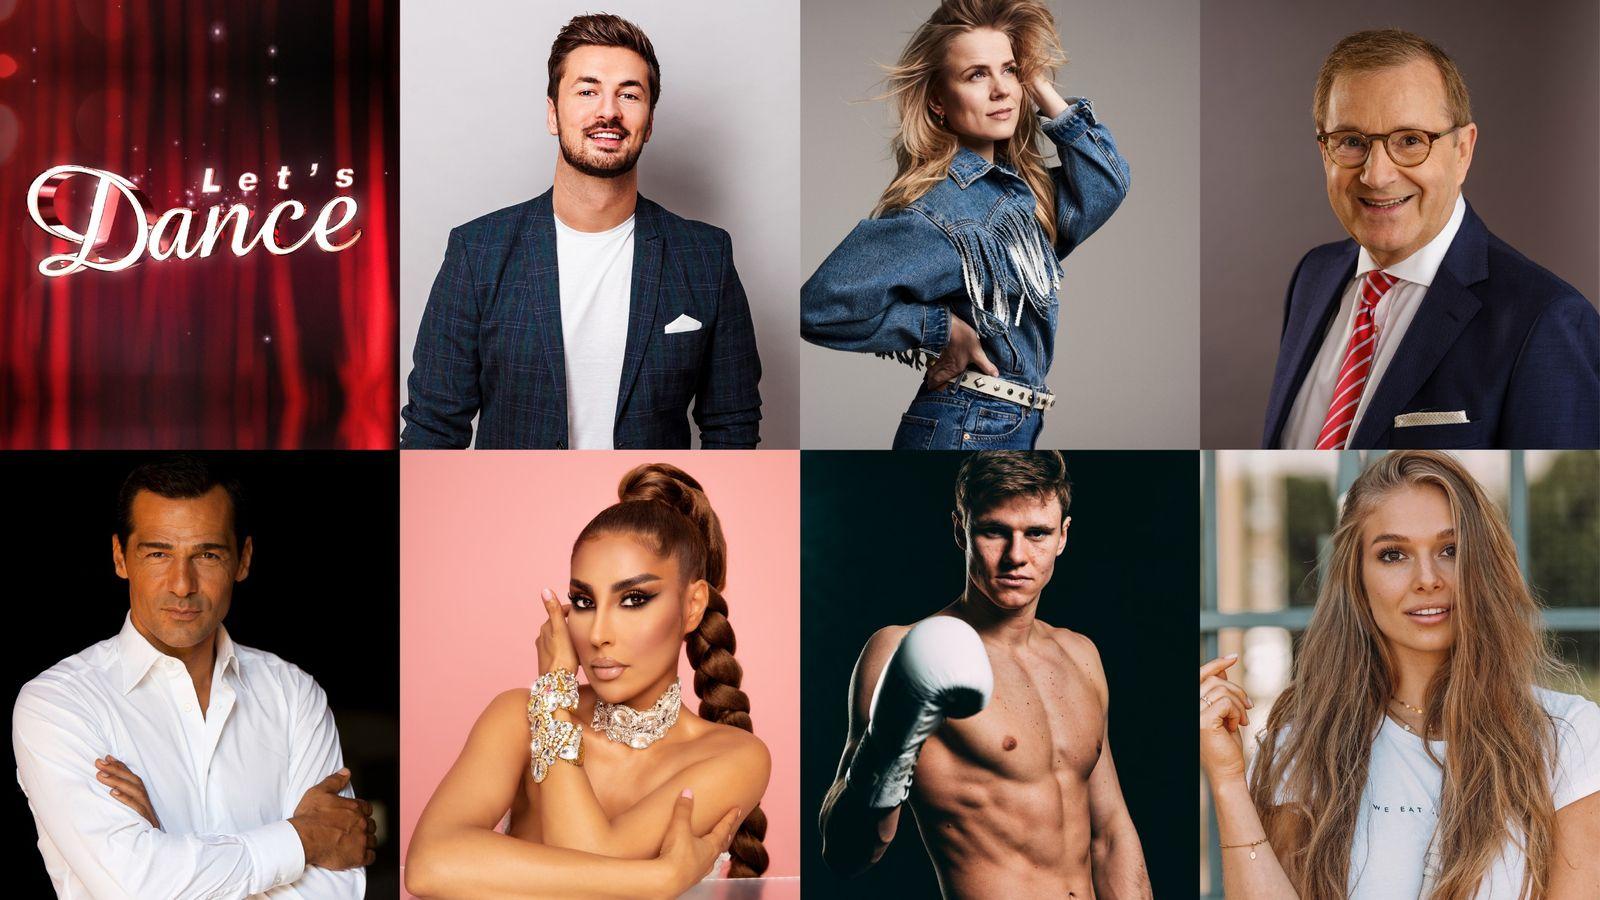 Let's Dance - Wer tanzt mit wem? Die große Kennenlern-Show 2021